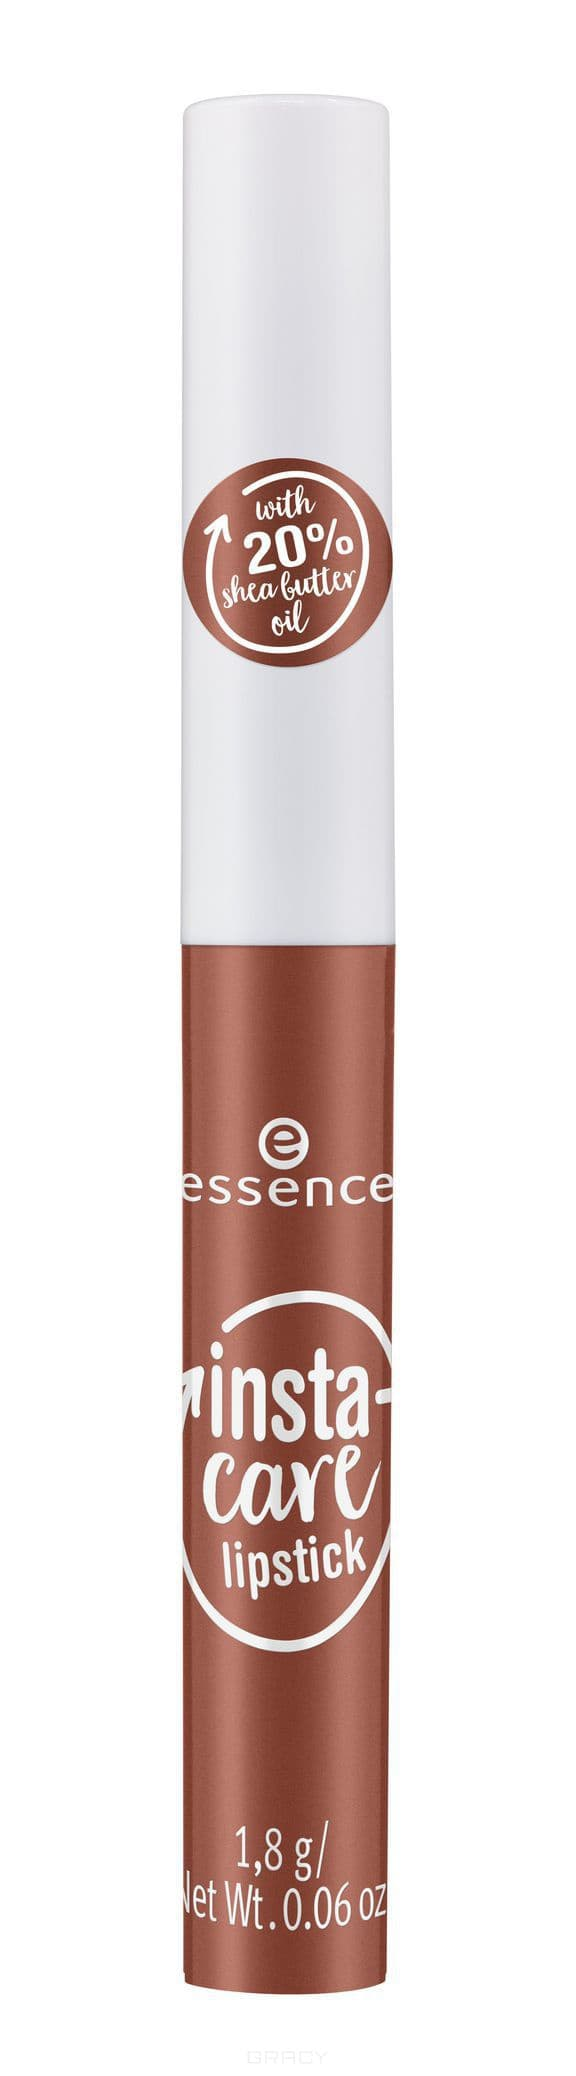 Купить Essence, Губная помада Insta-Care, 1.8 гр (6 тонов) №01, коричневый нюд